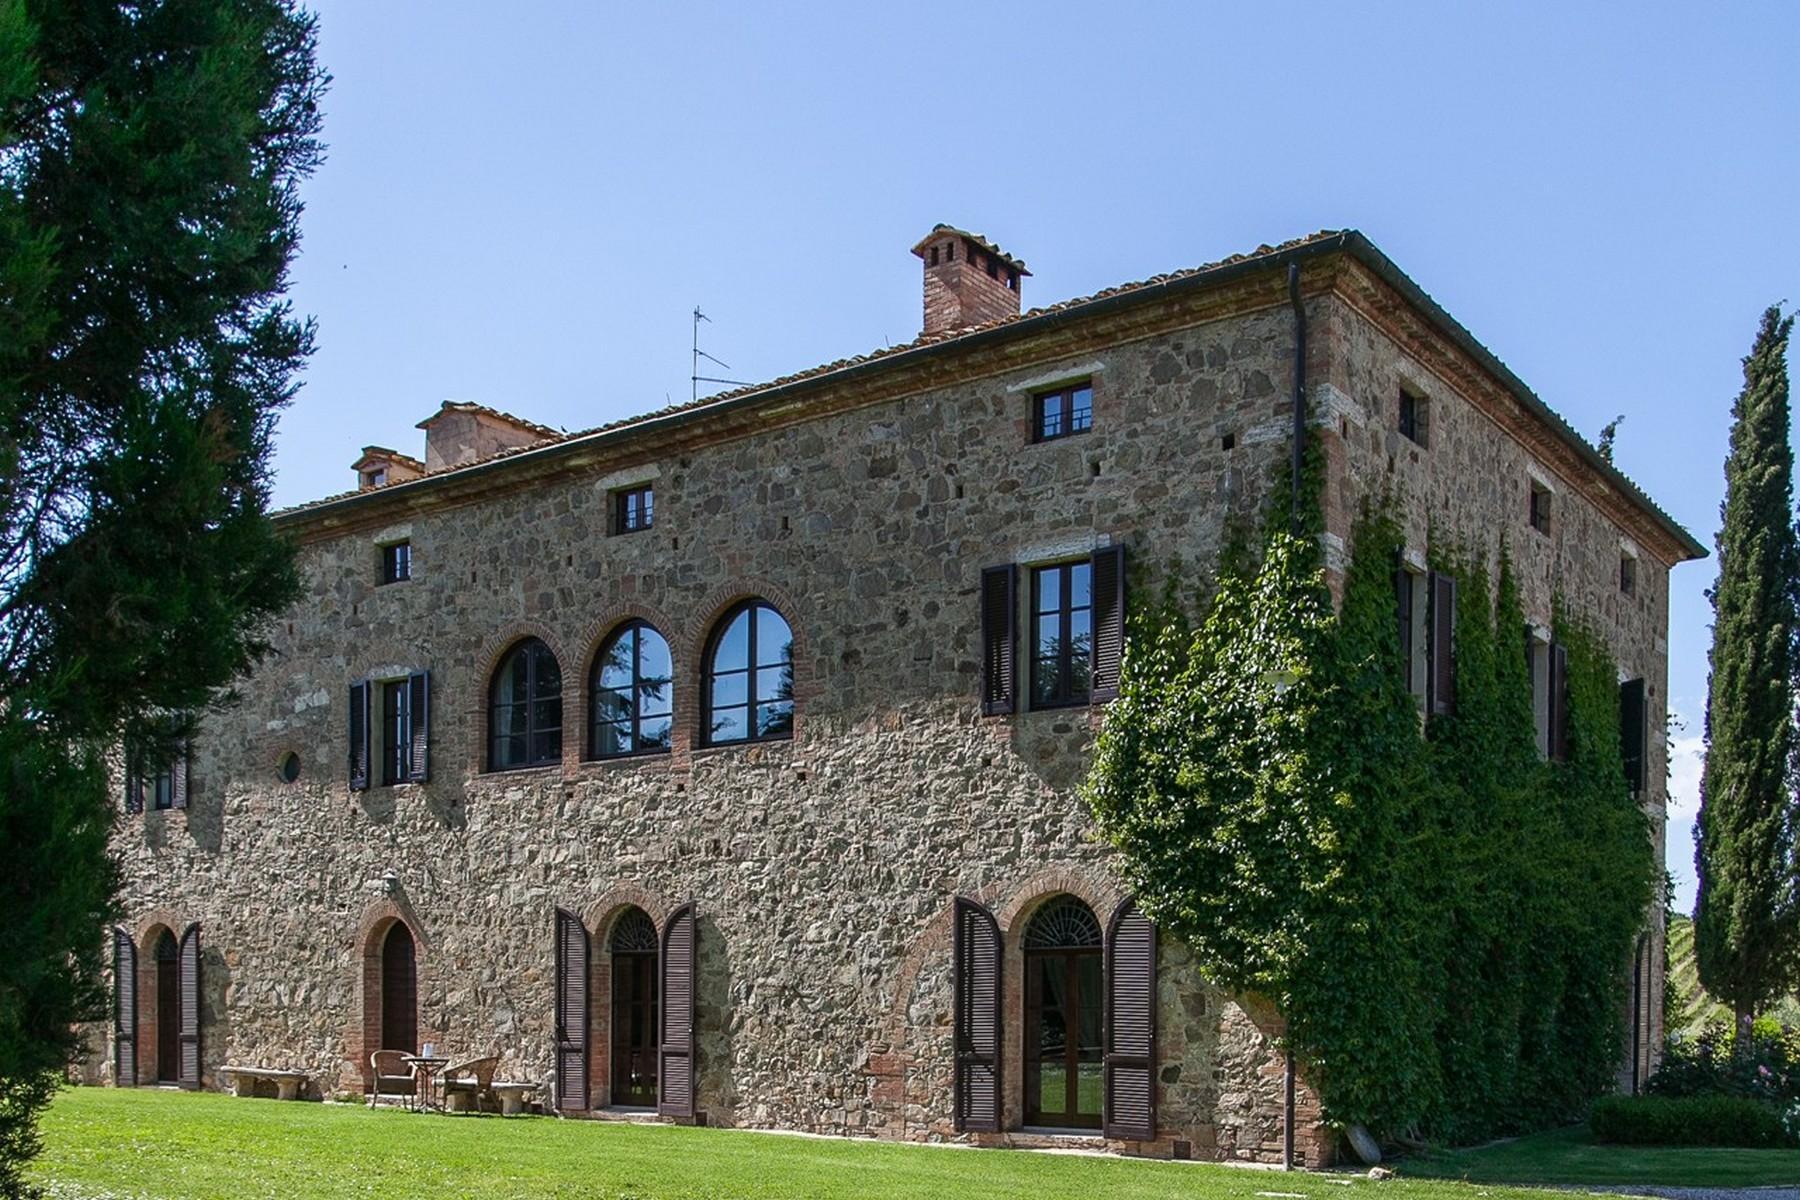 来自16世纪锡耶纳乡村优雅而古典的农舍 - 4